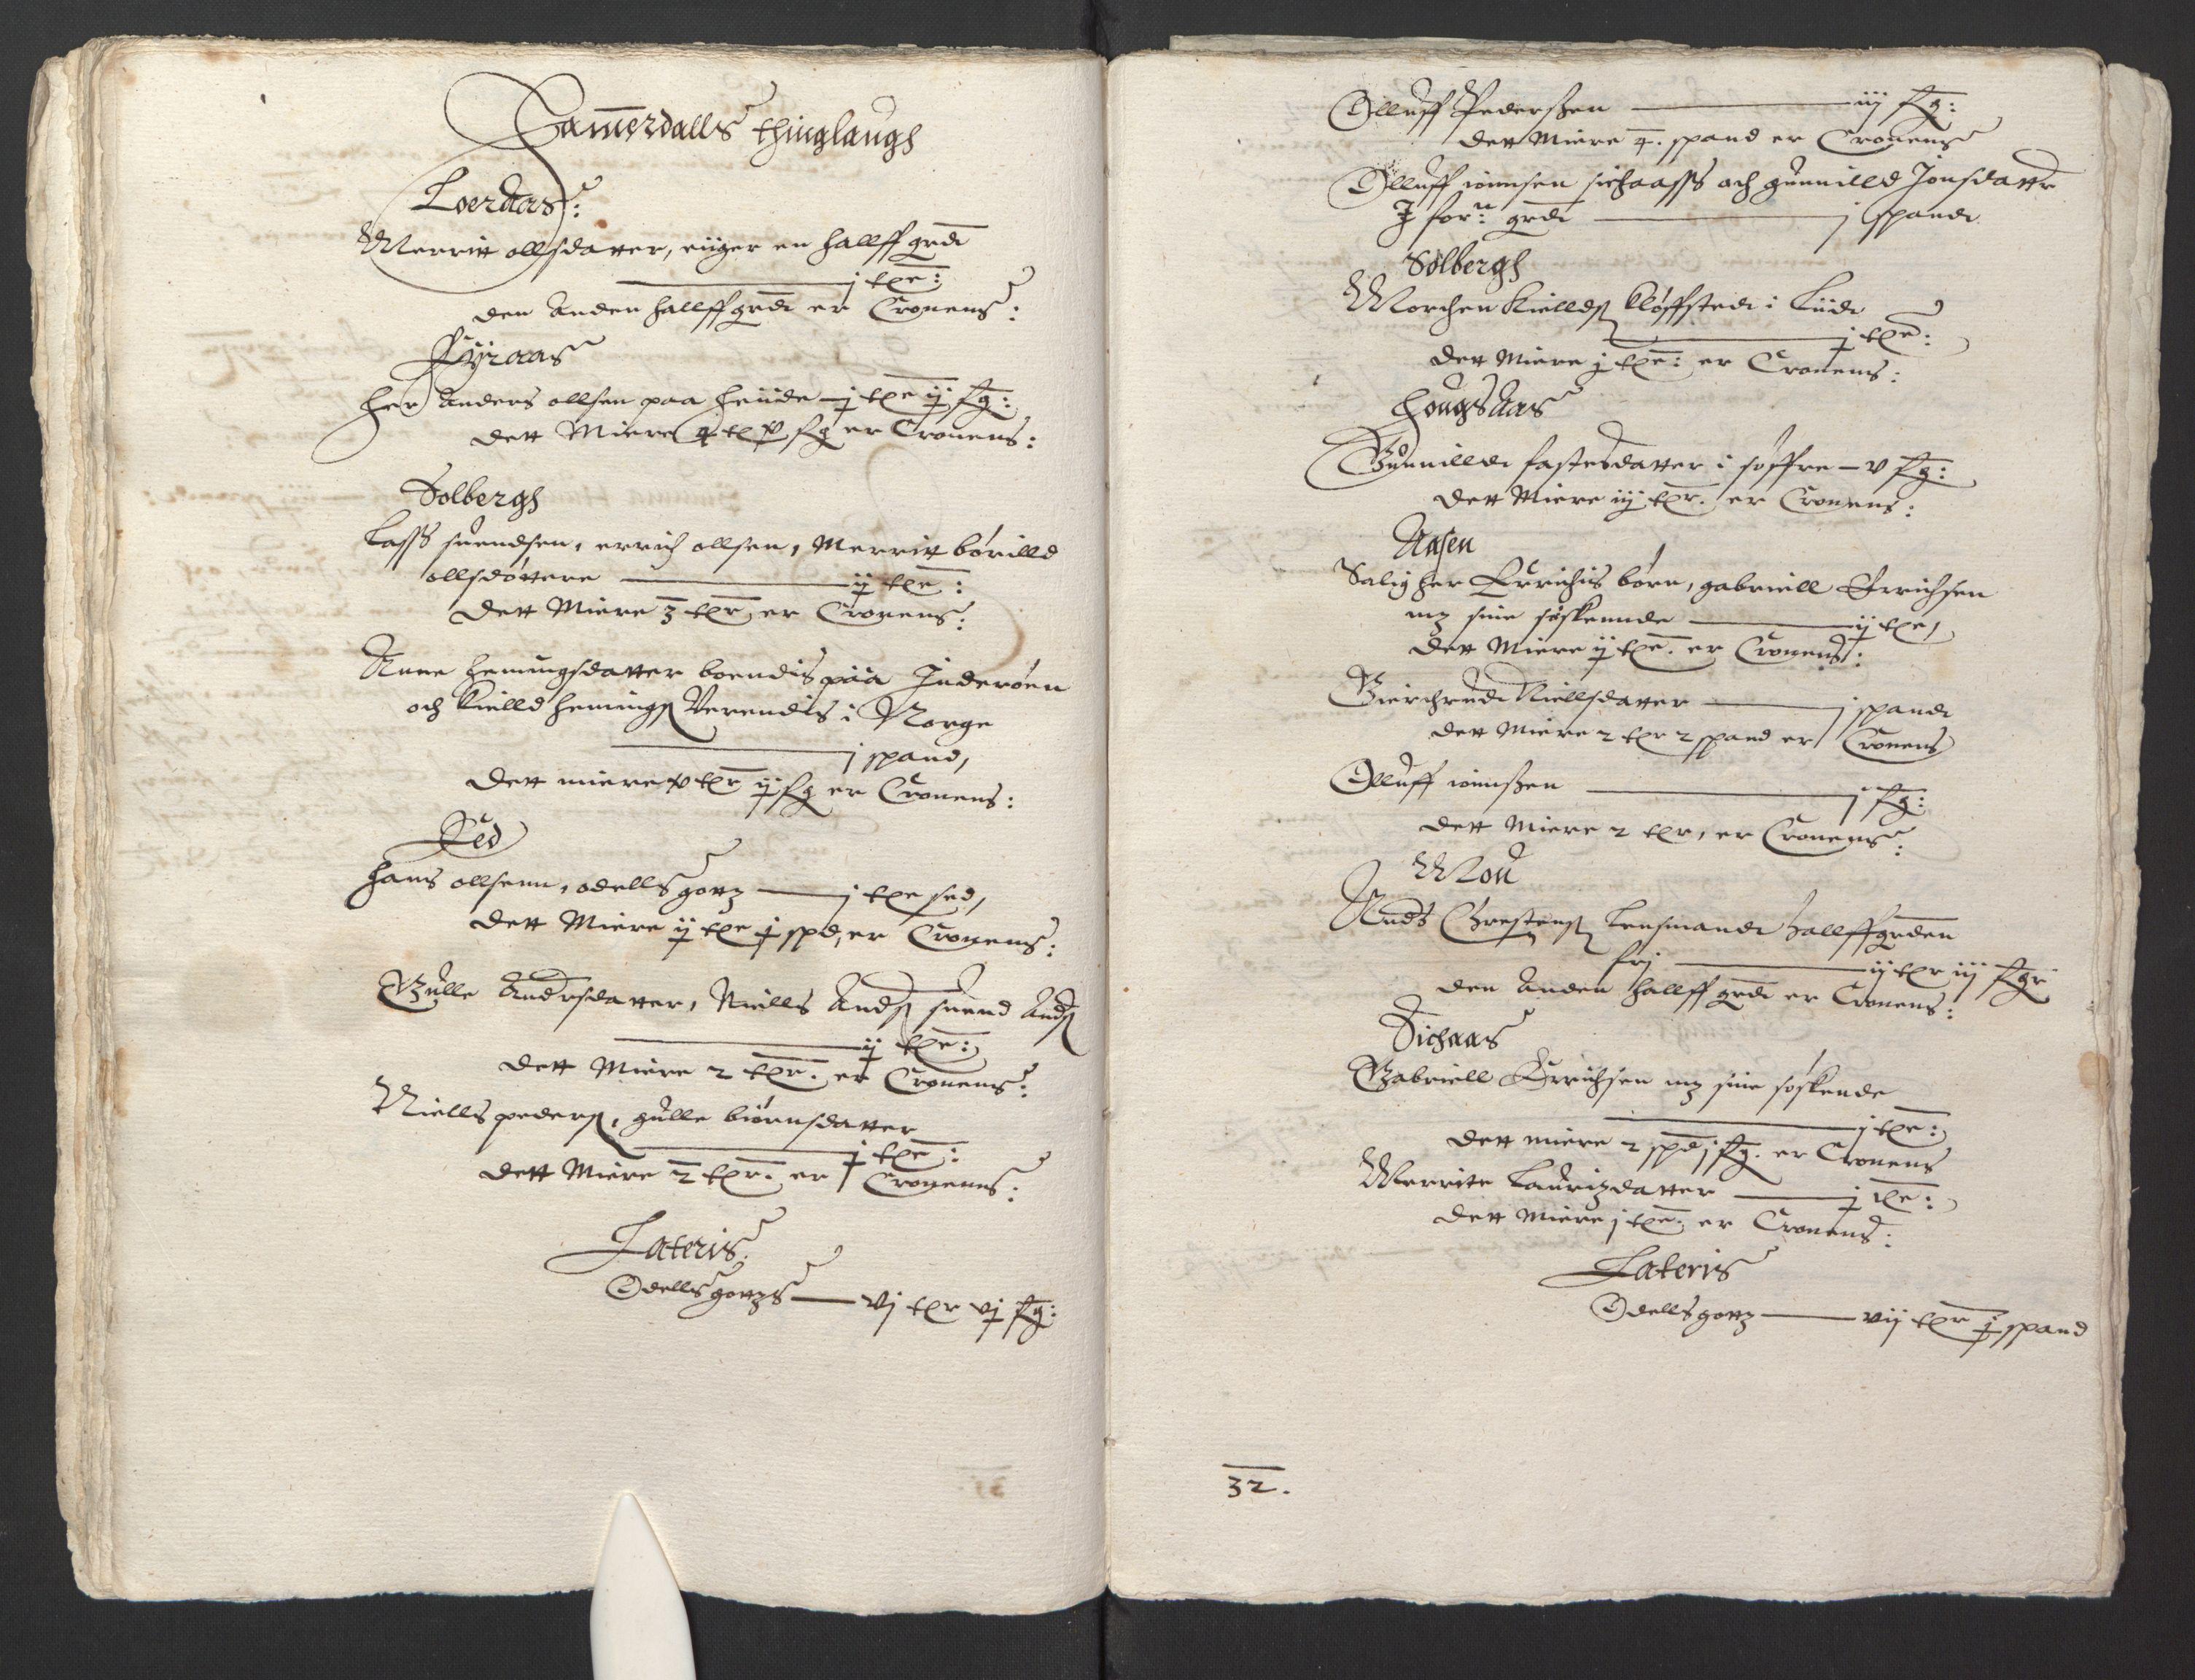 RA, Stattholderembetet 1572-1771, Ek/L0013: Jordebøker til utlikning av rosstjeneste 1624-1626:, 1624-1625, s. 127